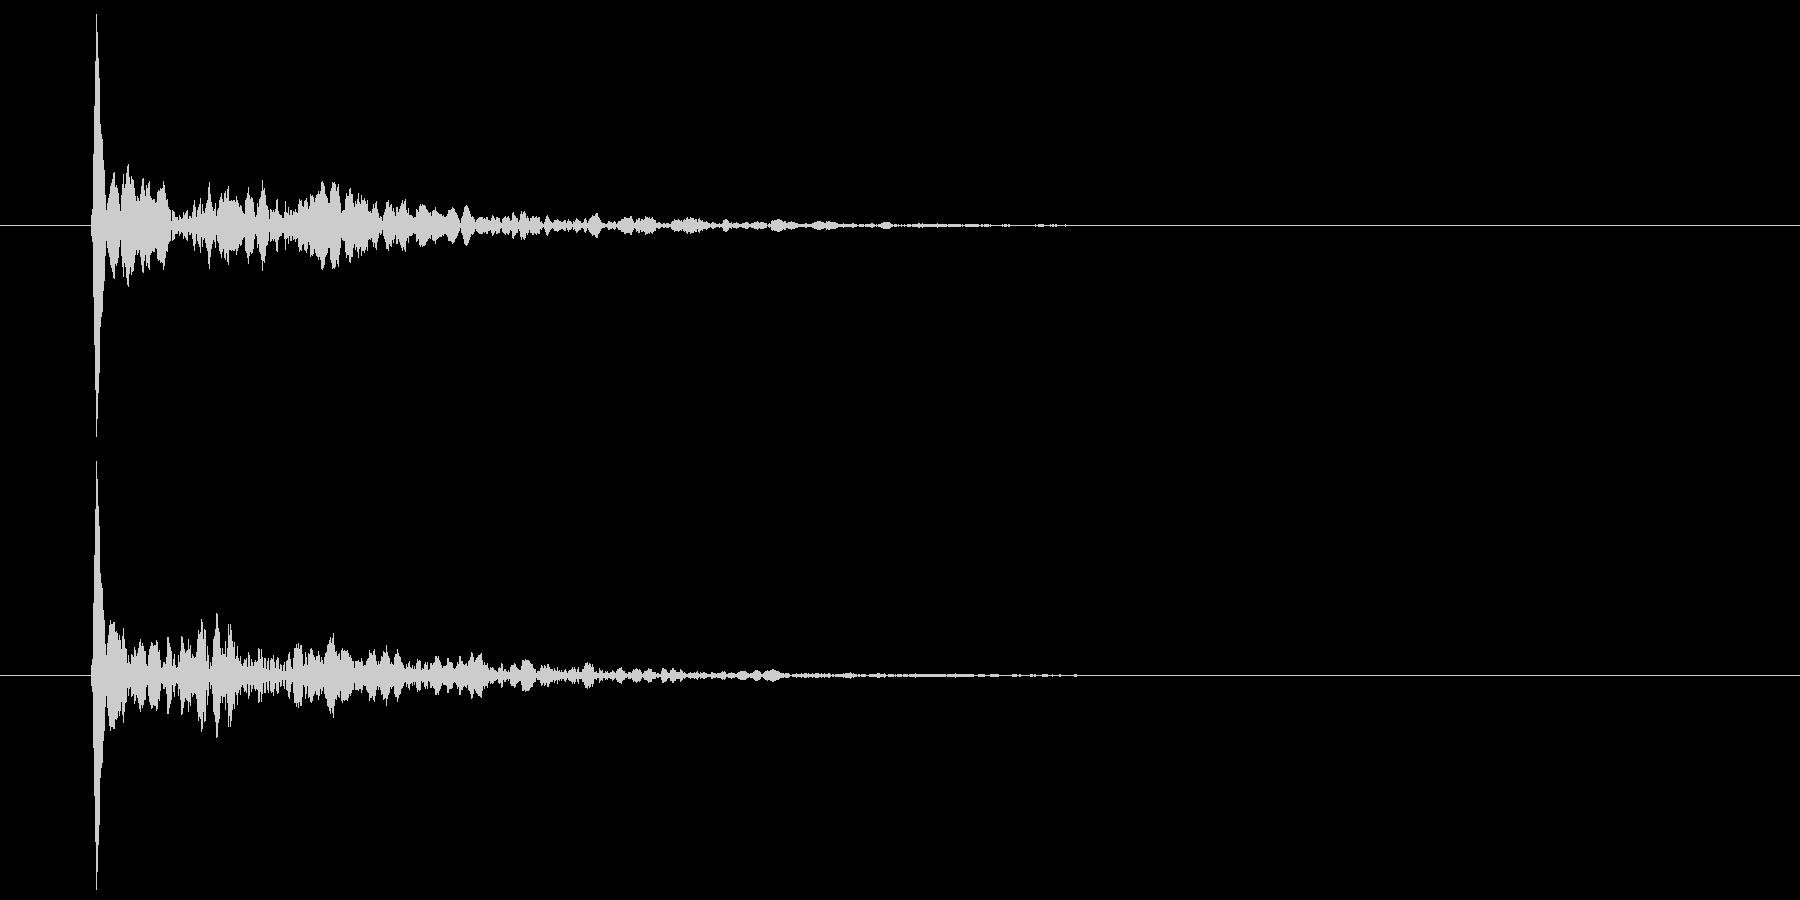 和風 小鼓乙(つづみ・おつ) ポンの未再生の波形